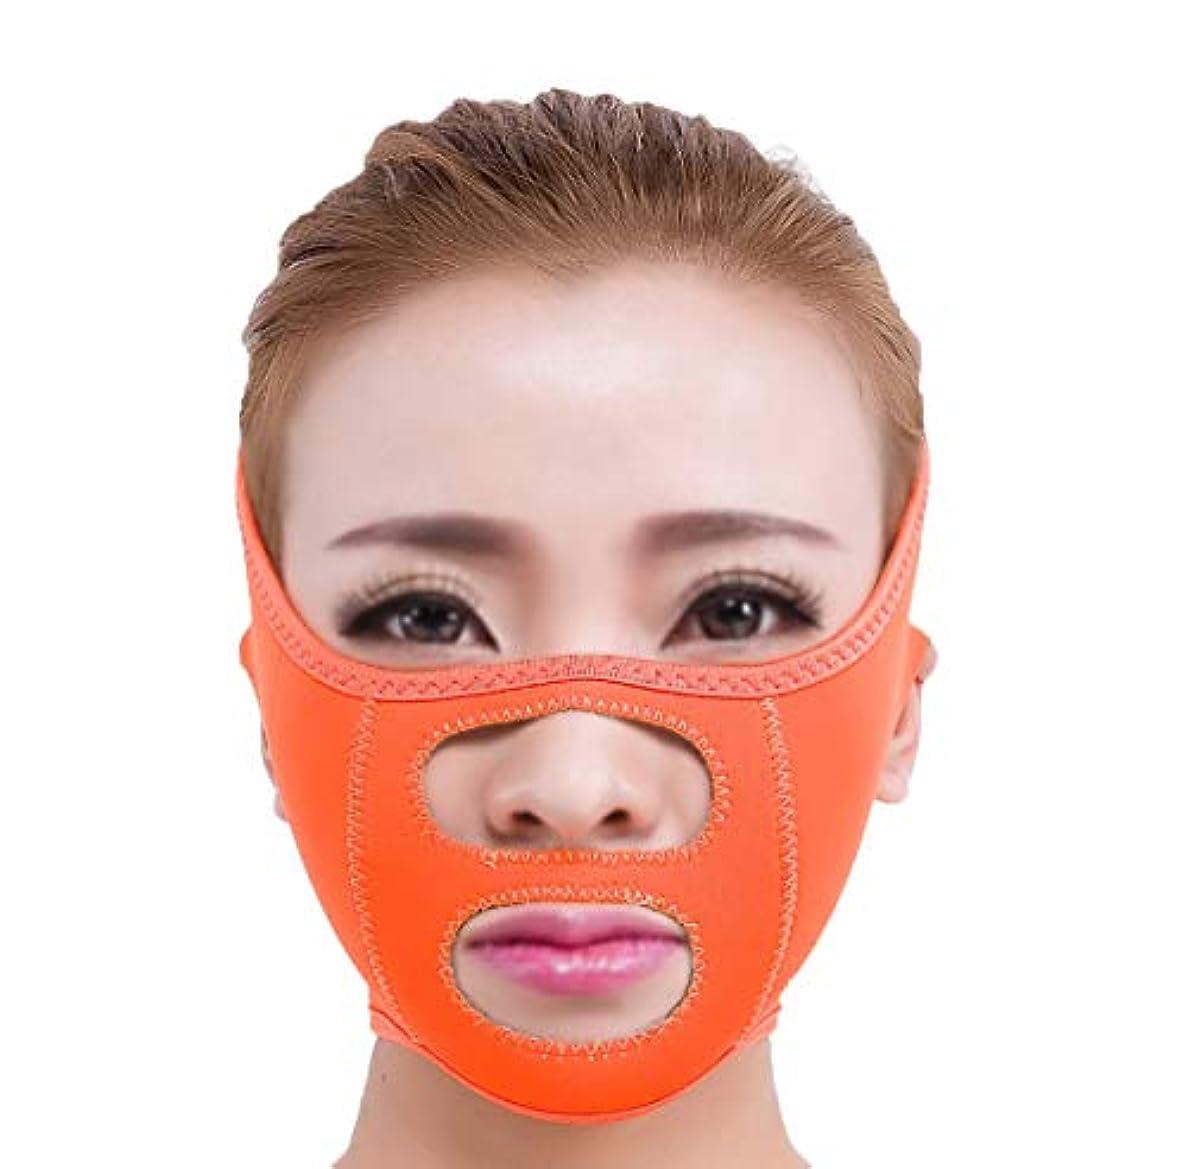 特異性成り立つ漏れGLJJQMY スリムベルトマスク薄い顔マスク睡眠薄い顔マスク薄い顔包帯薄い顔アーティファクト薄い顔薄い顔薄い顔小さいV顔睡眠薄い顔ベルト 顔用整形マスク (Color : Blue)